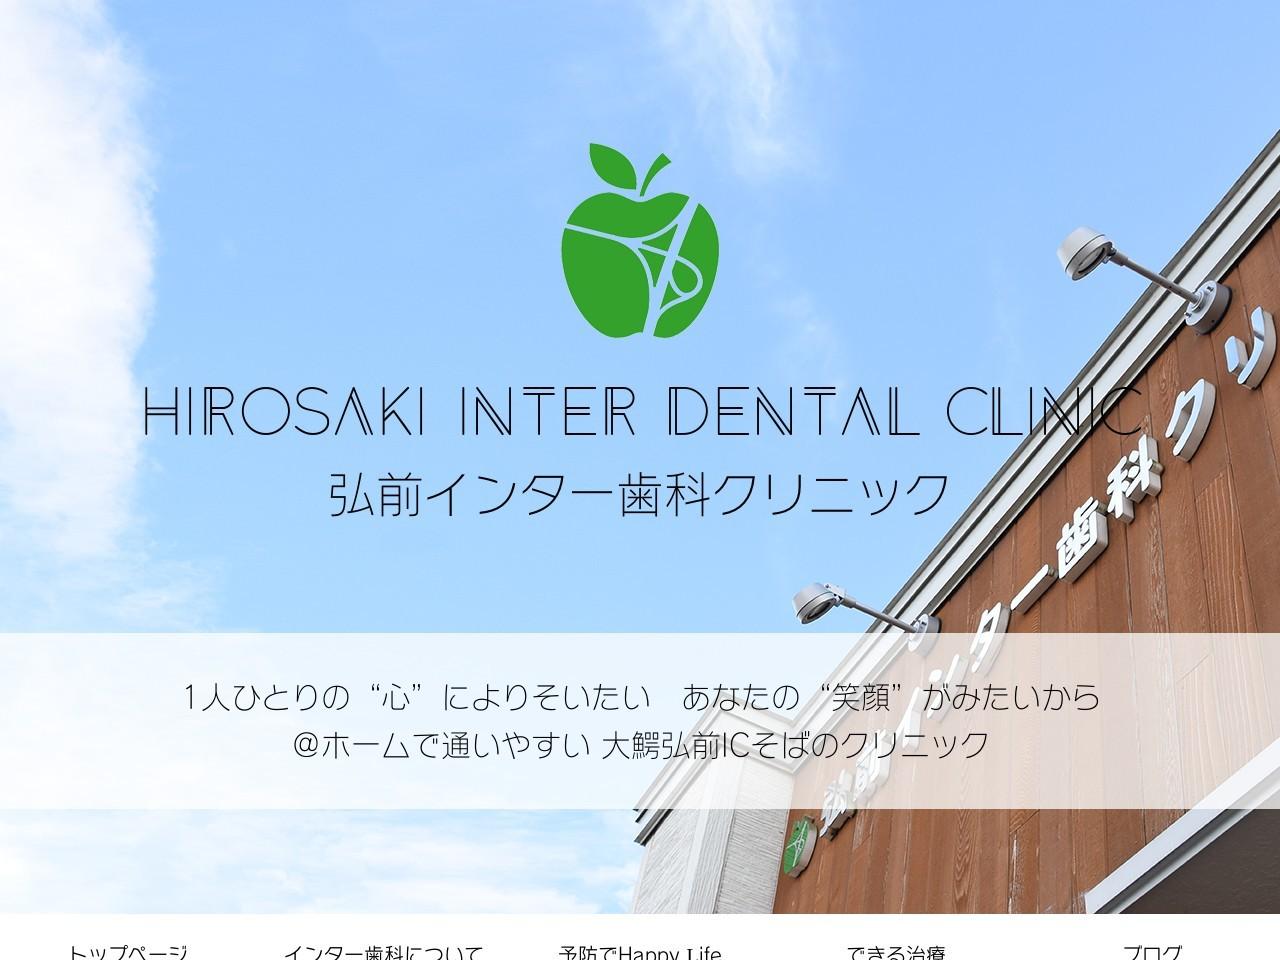 弘前インター歯科クリニック (青森県弘前市)